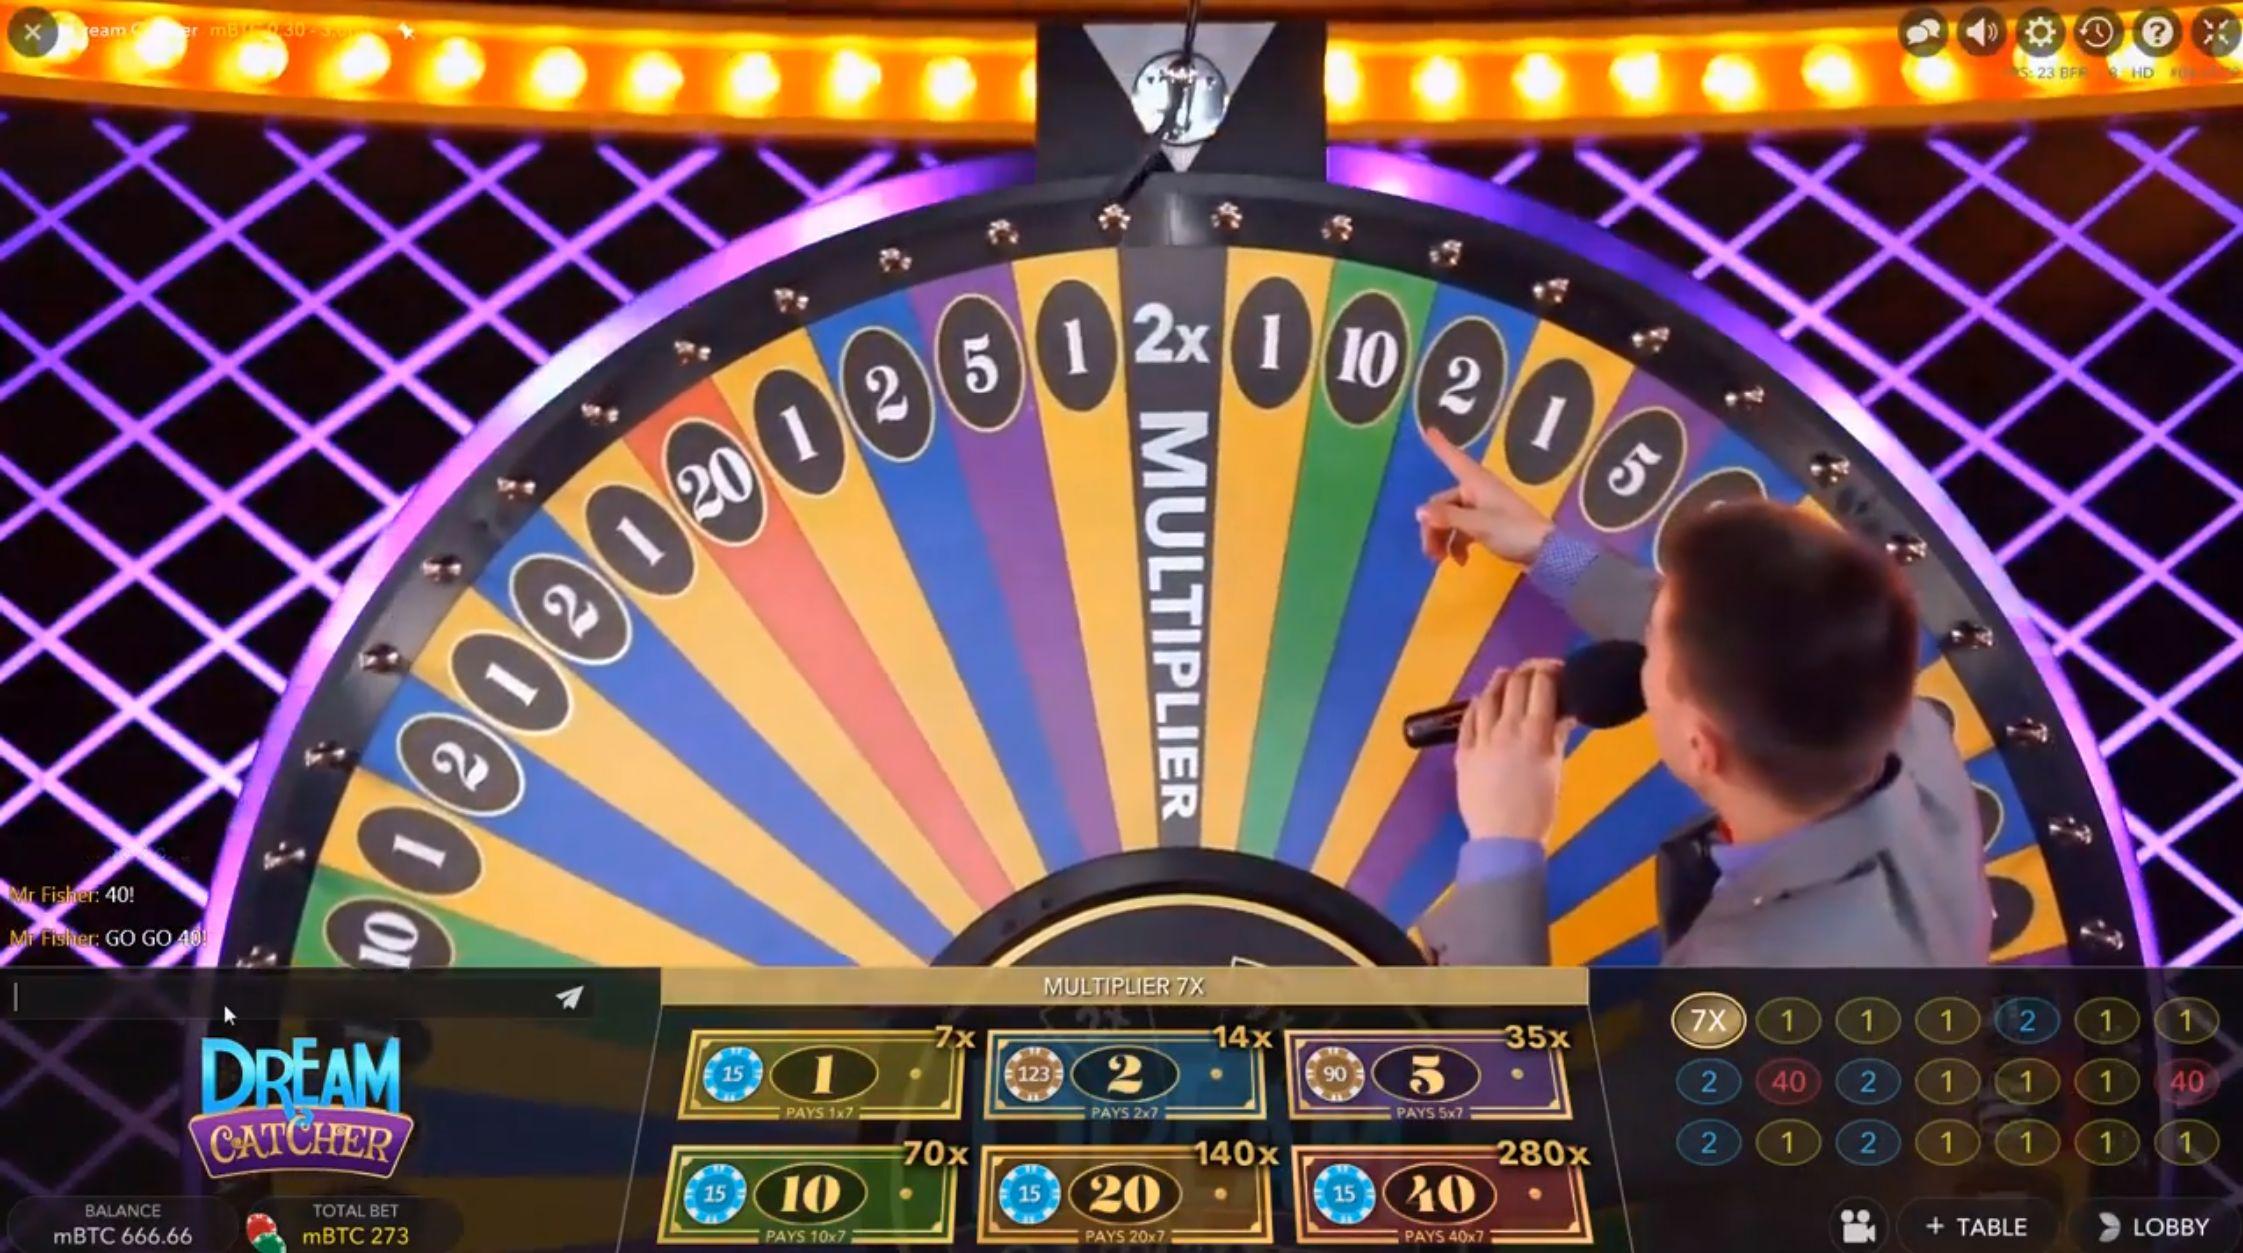 live casino rahapyörä kasino peli online live kasino sivustot parhaat nettikasinot live money wheel